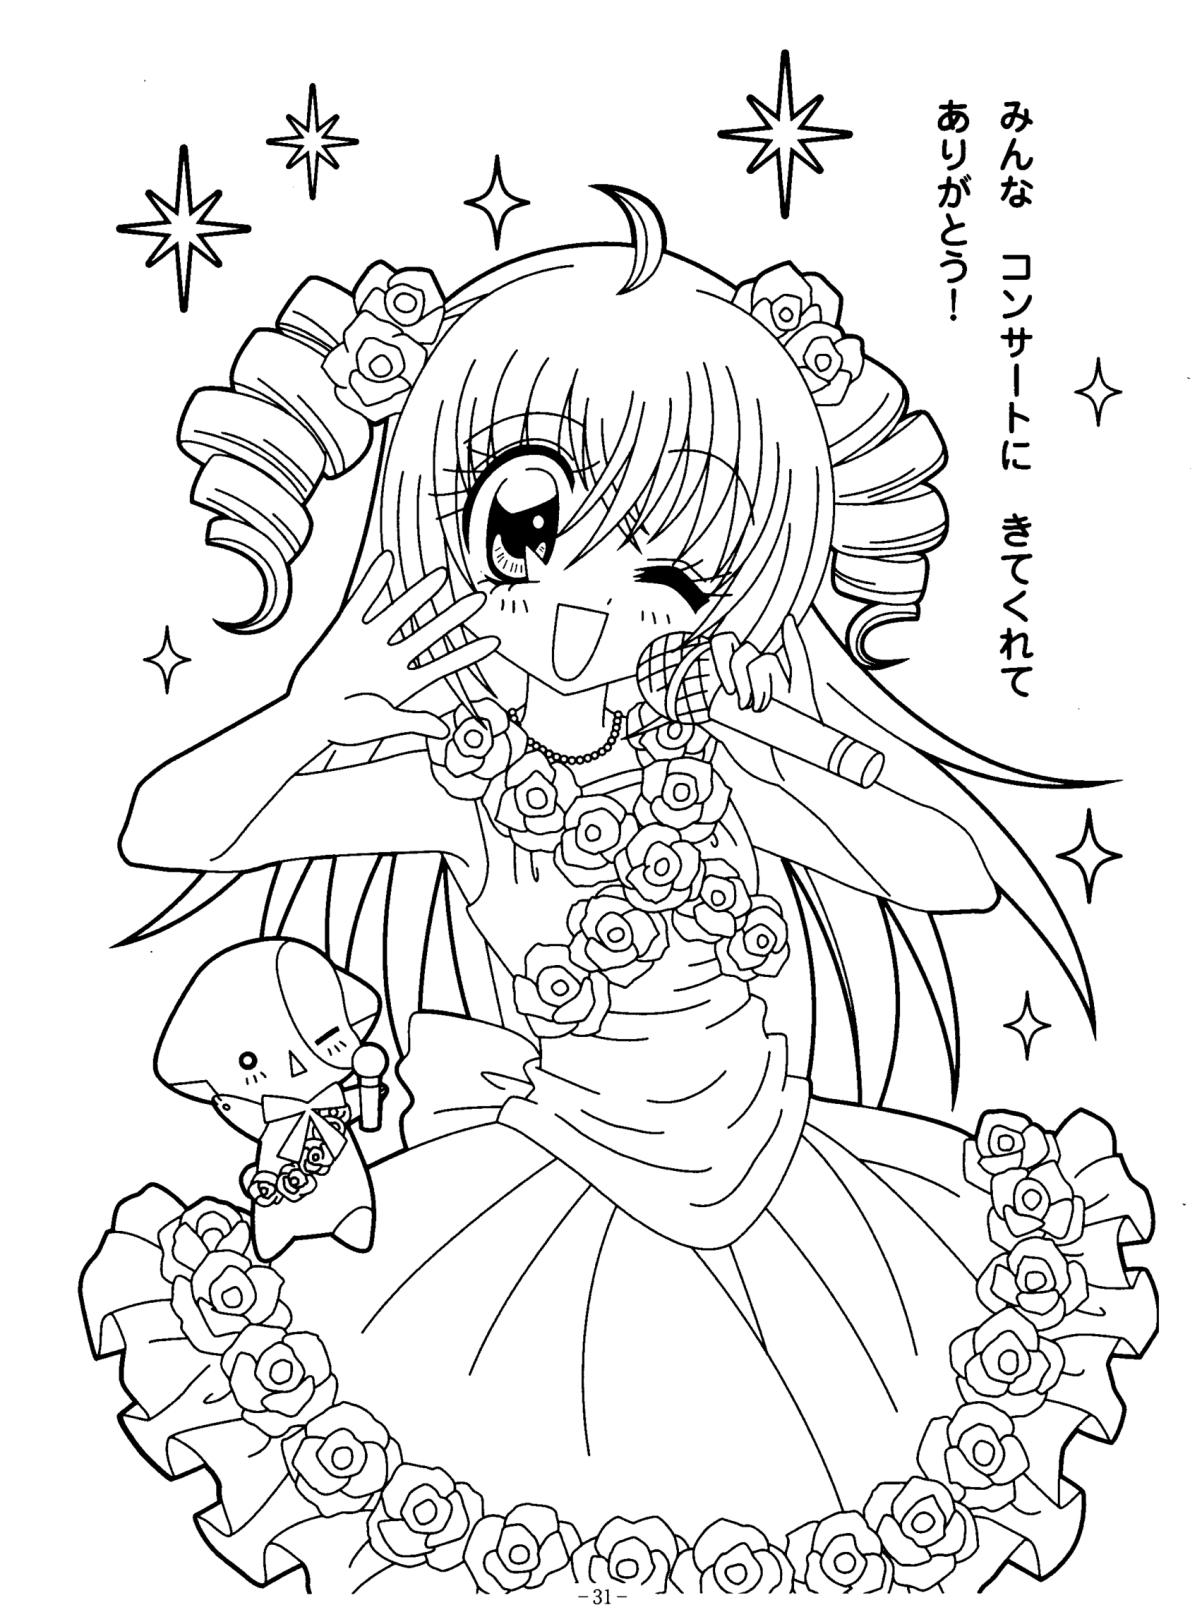 Immagini da colorare di kilari topmanga anime e manga for Disegni miraculous da colorare